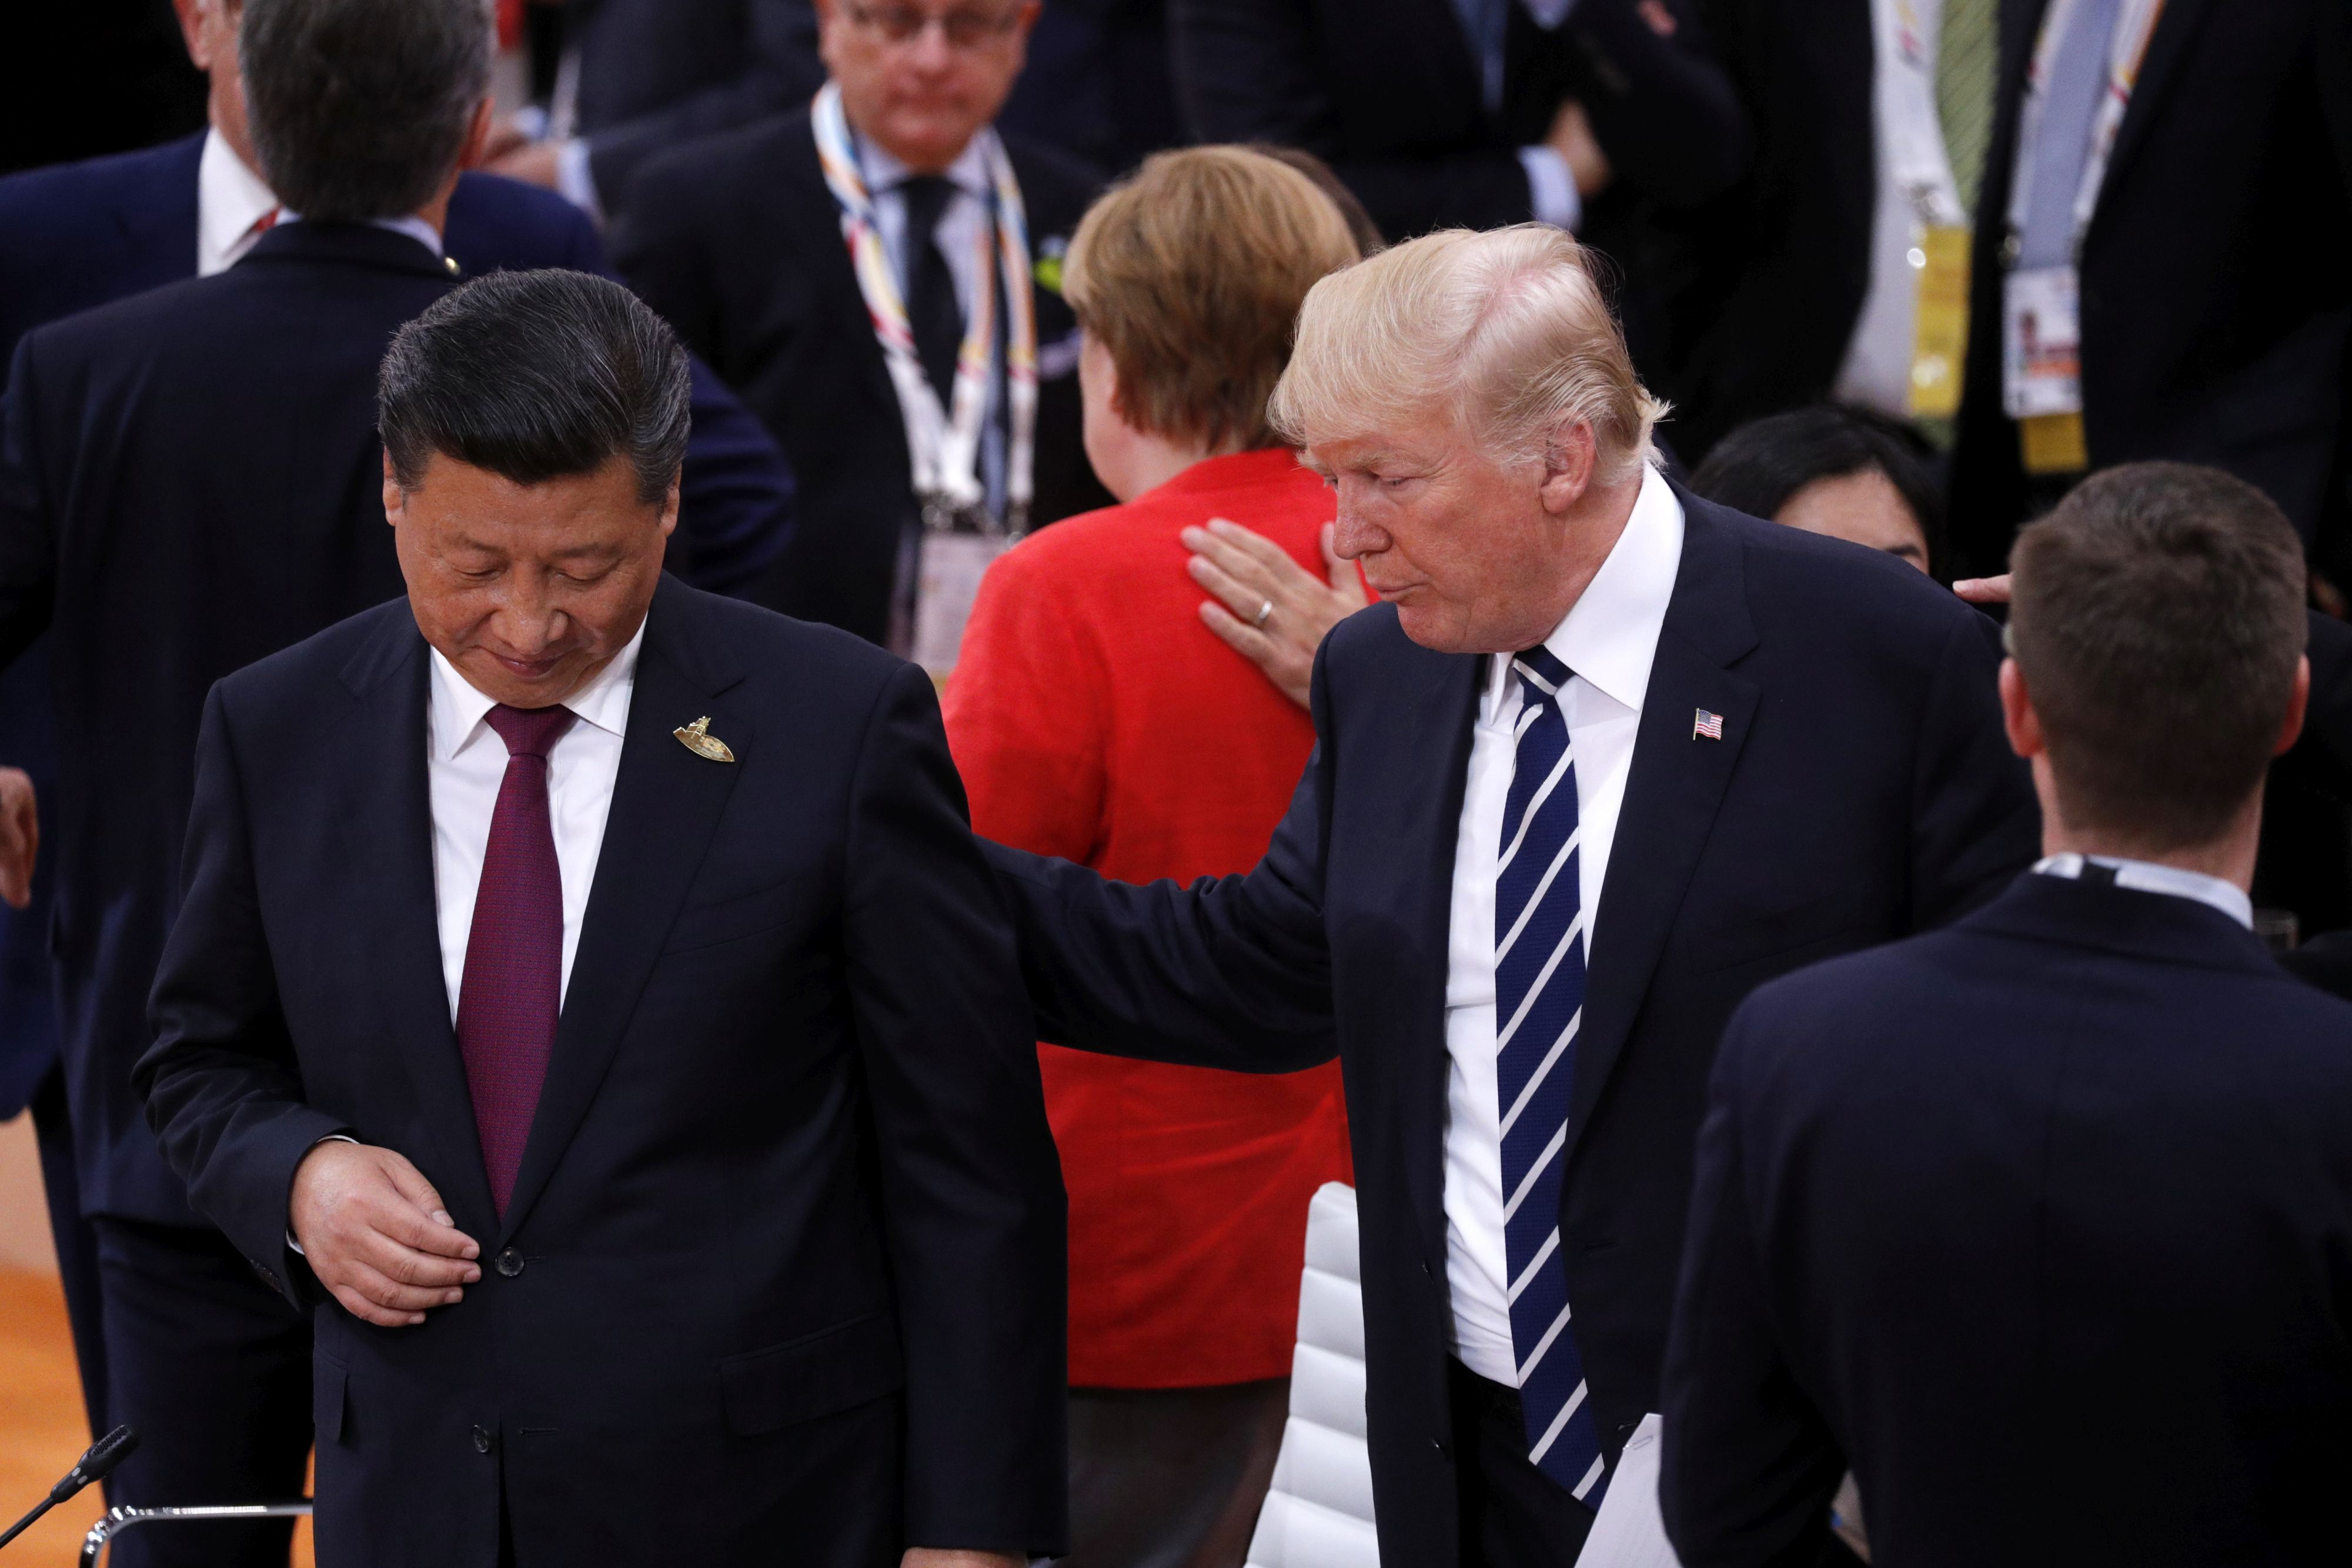 Rex Tillerson: Nu există neînţelegeri între Donald Trump şi Xi Jinping în privinţa Coreei de Nord